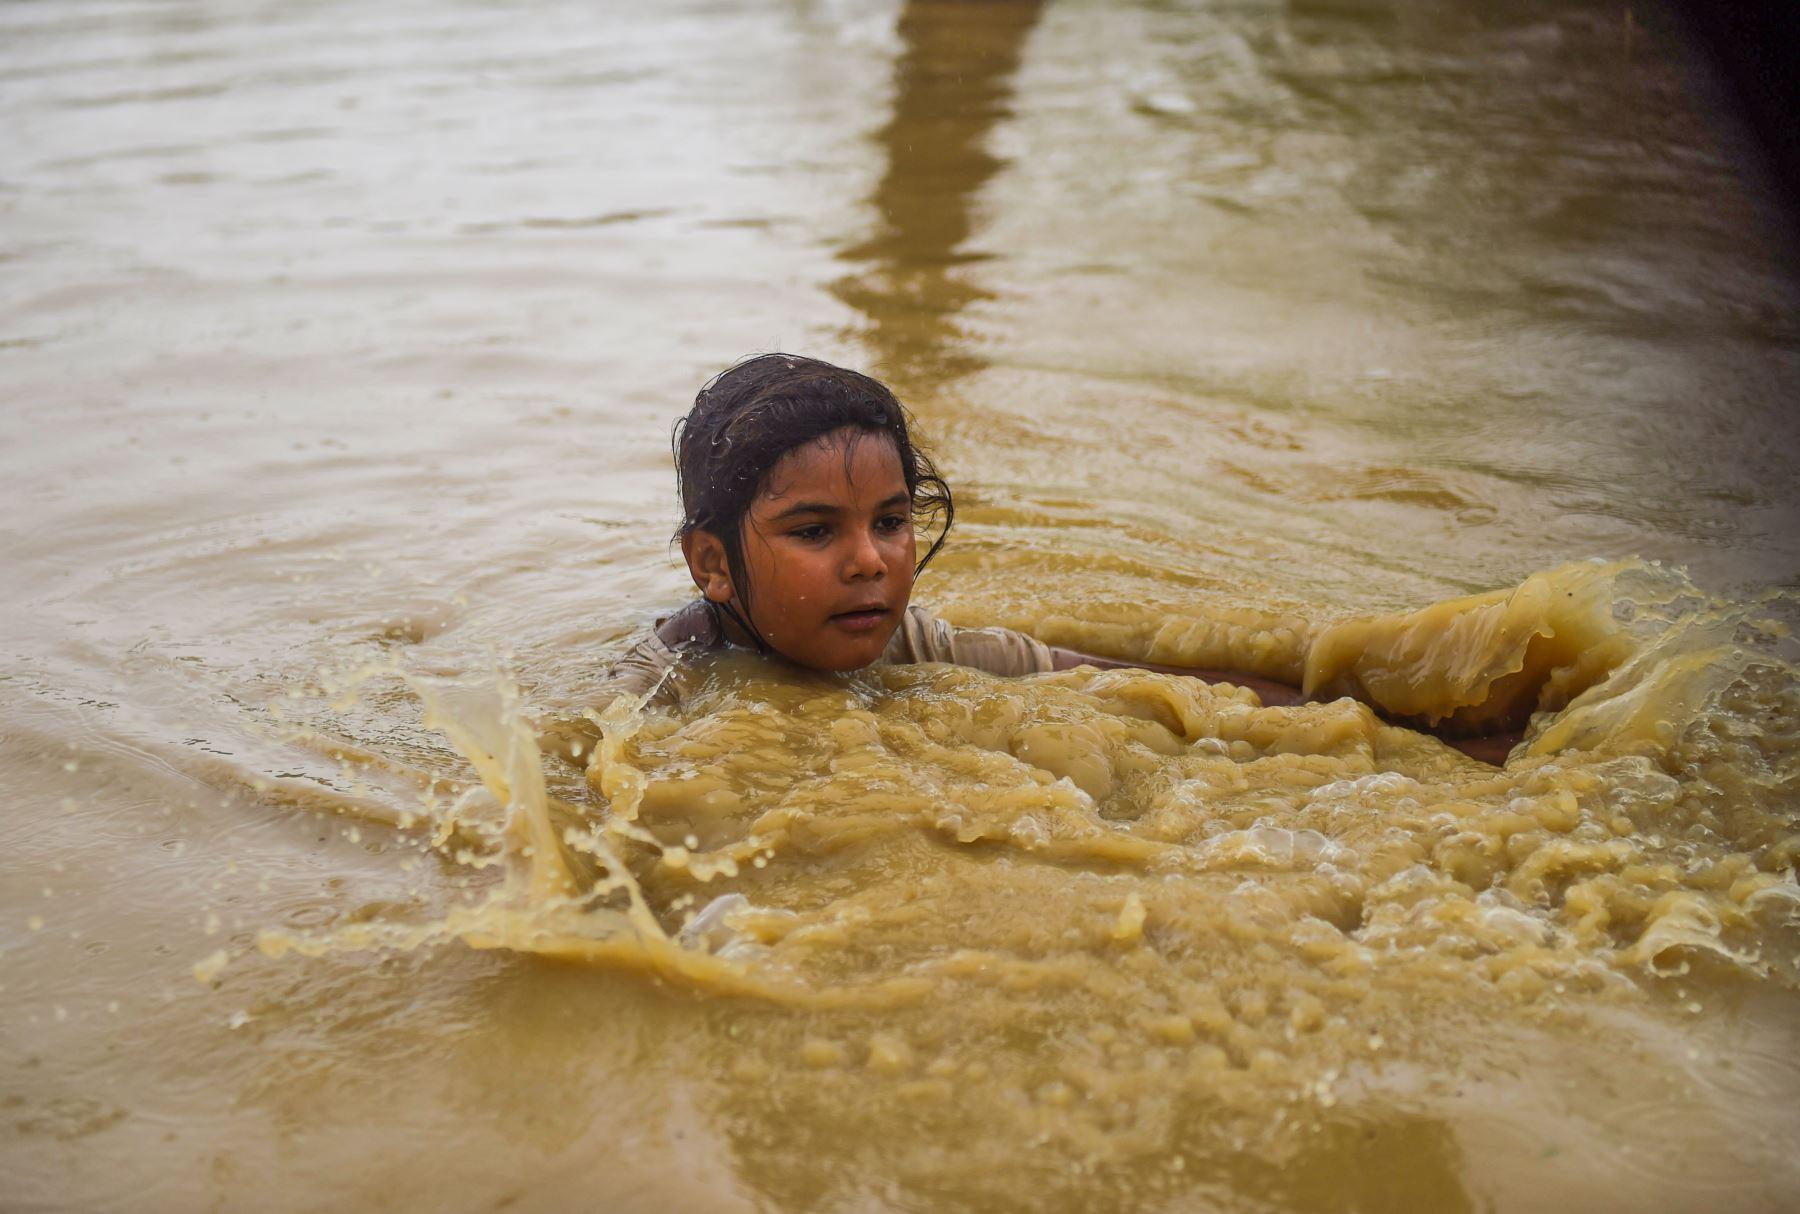 Una niña camina por una calle inundada después de fuertes lluvias monzónicas en las afueras de Karachi. AFP